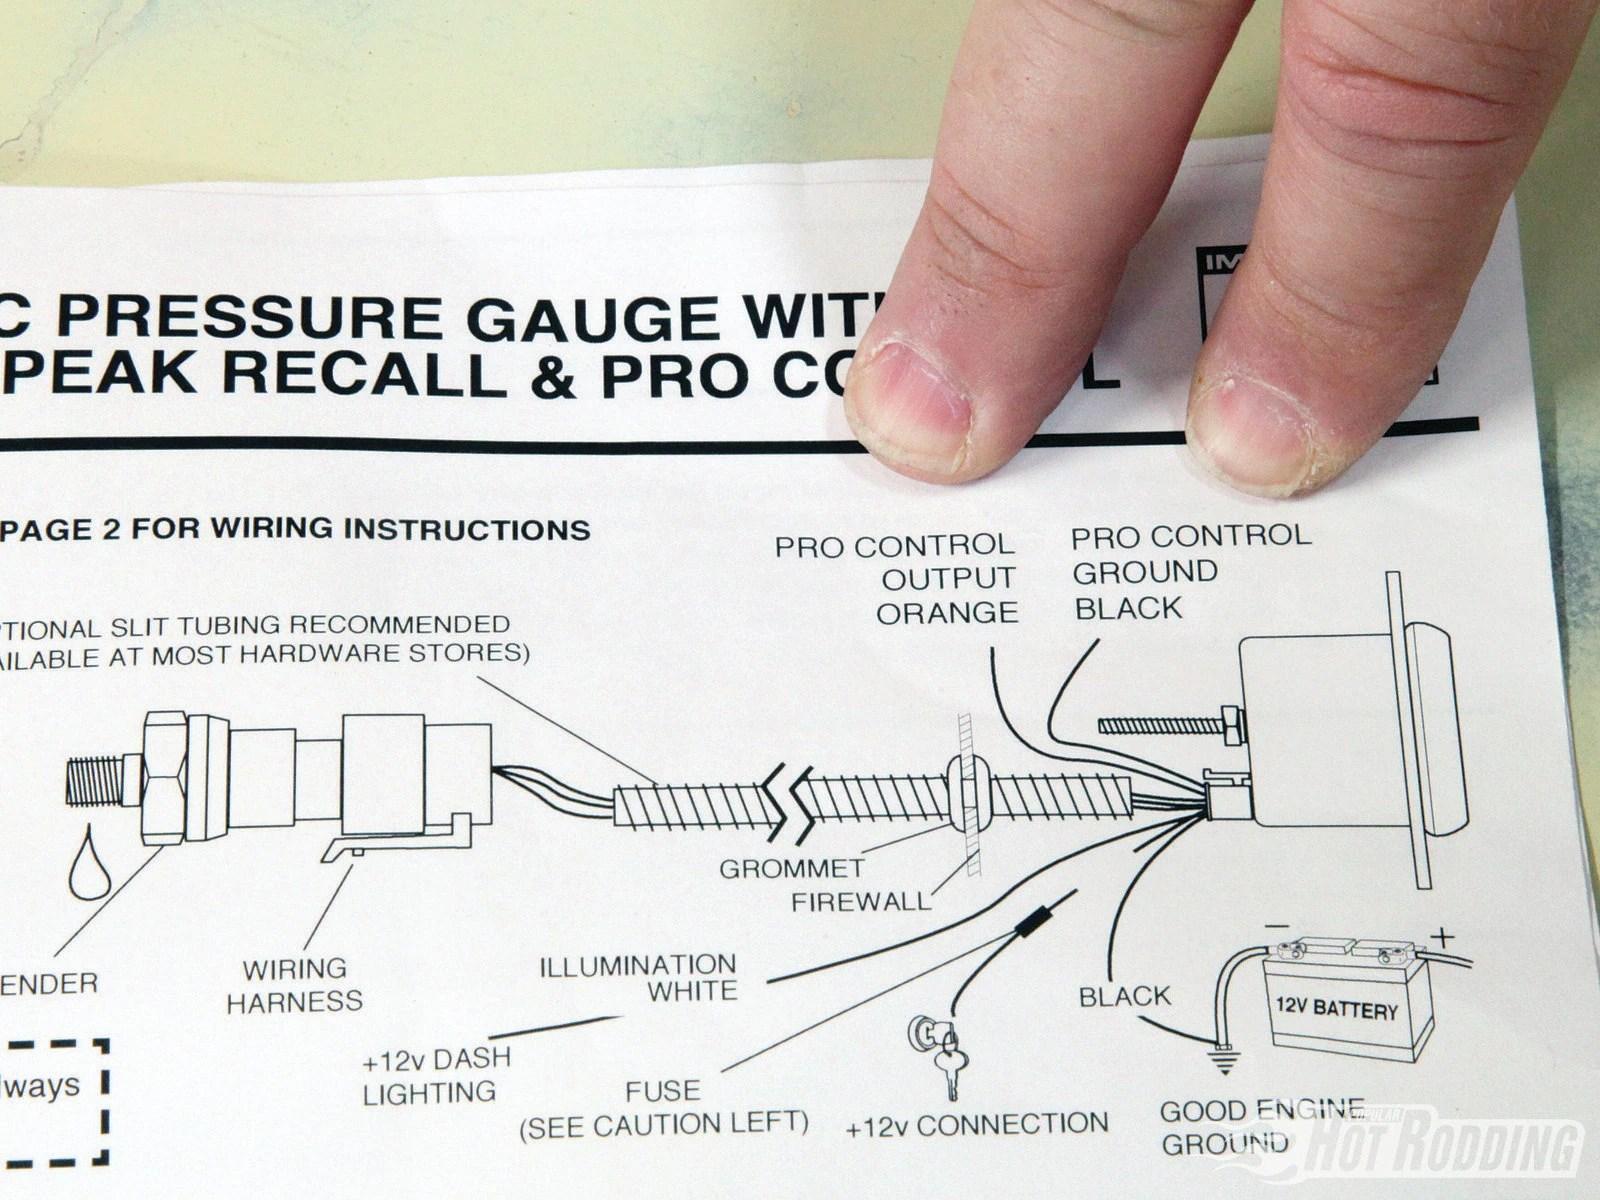 Vdo Oil Pressure Gauge Wiring On Vdo Oil Pressure Wiring Diagrams